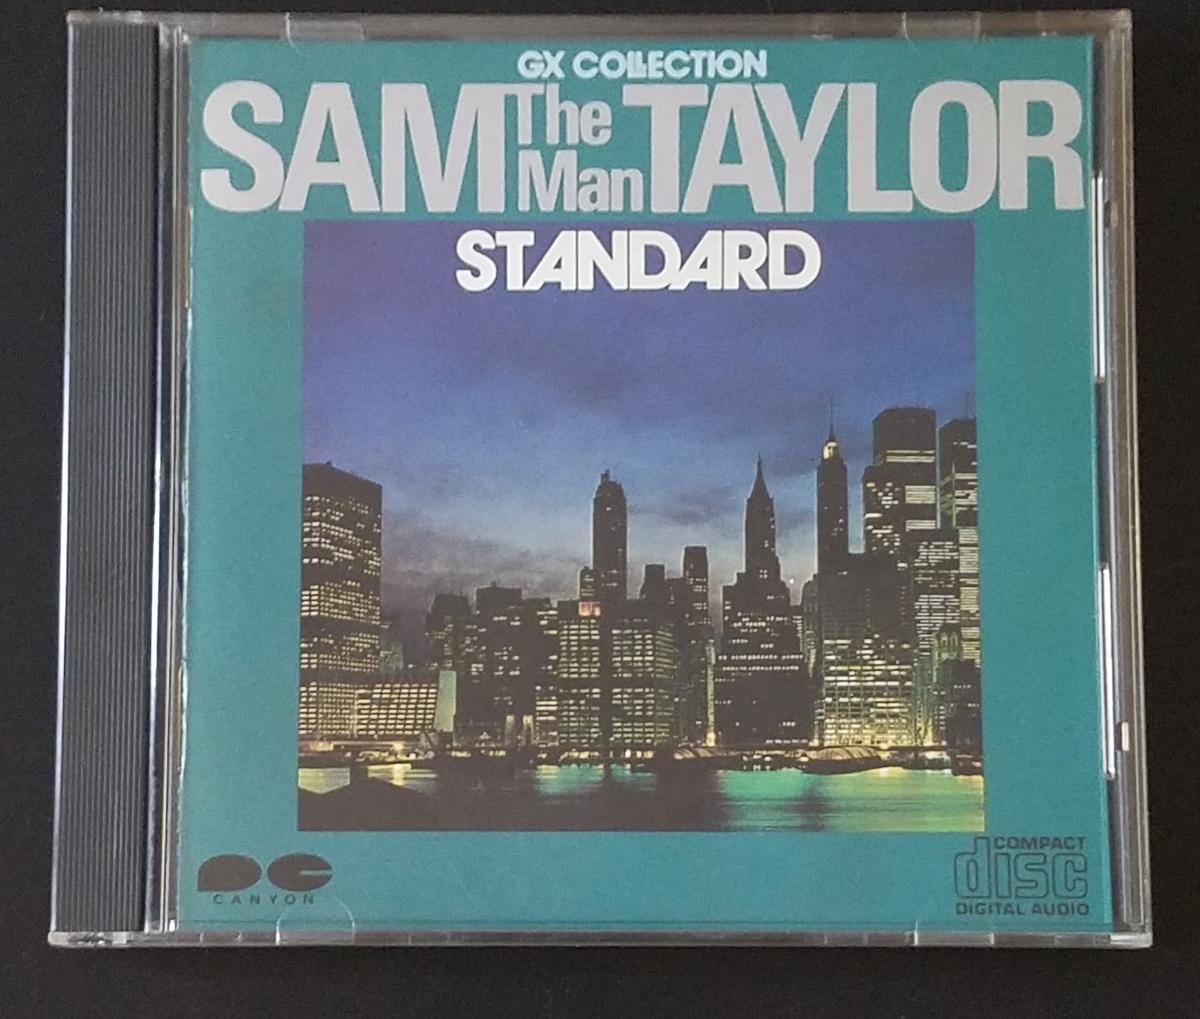 ◆旧規格 レア!!◆ sam (the man) taylor サム・テイラー / STANDARD GX COLLECTION 国内盤 全16曲 アルバム ジャズ 【CD4枚まで同一配送】_画像1